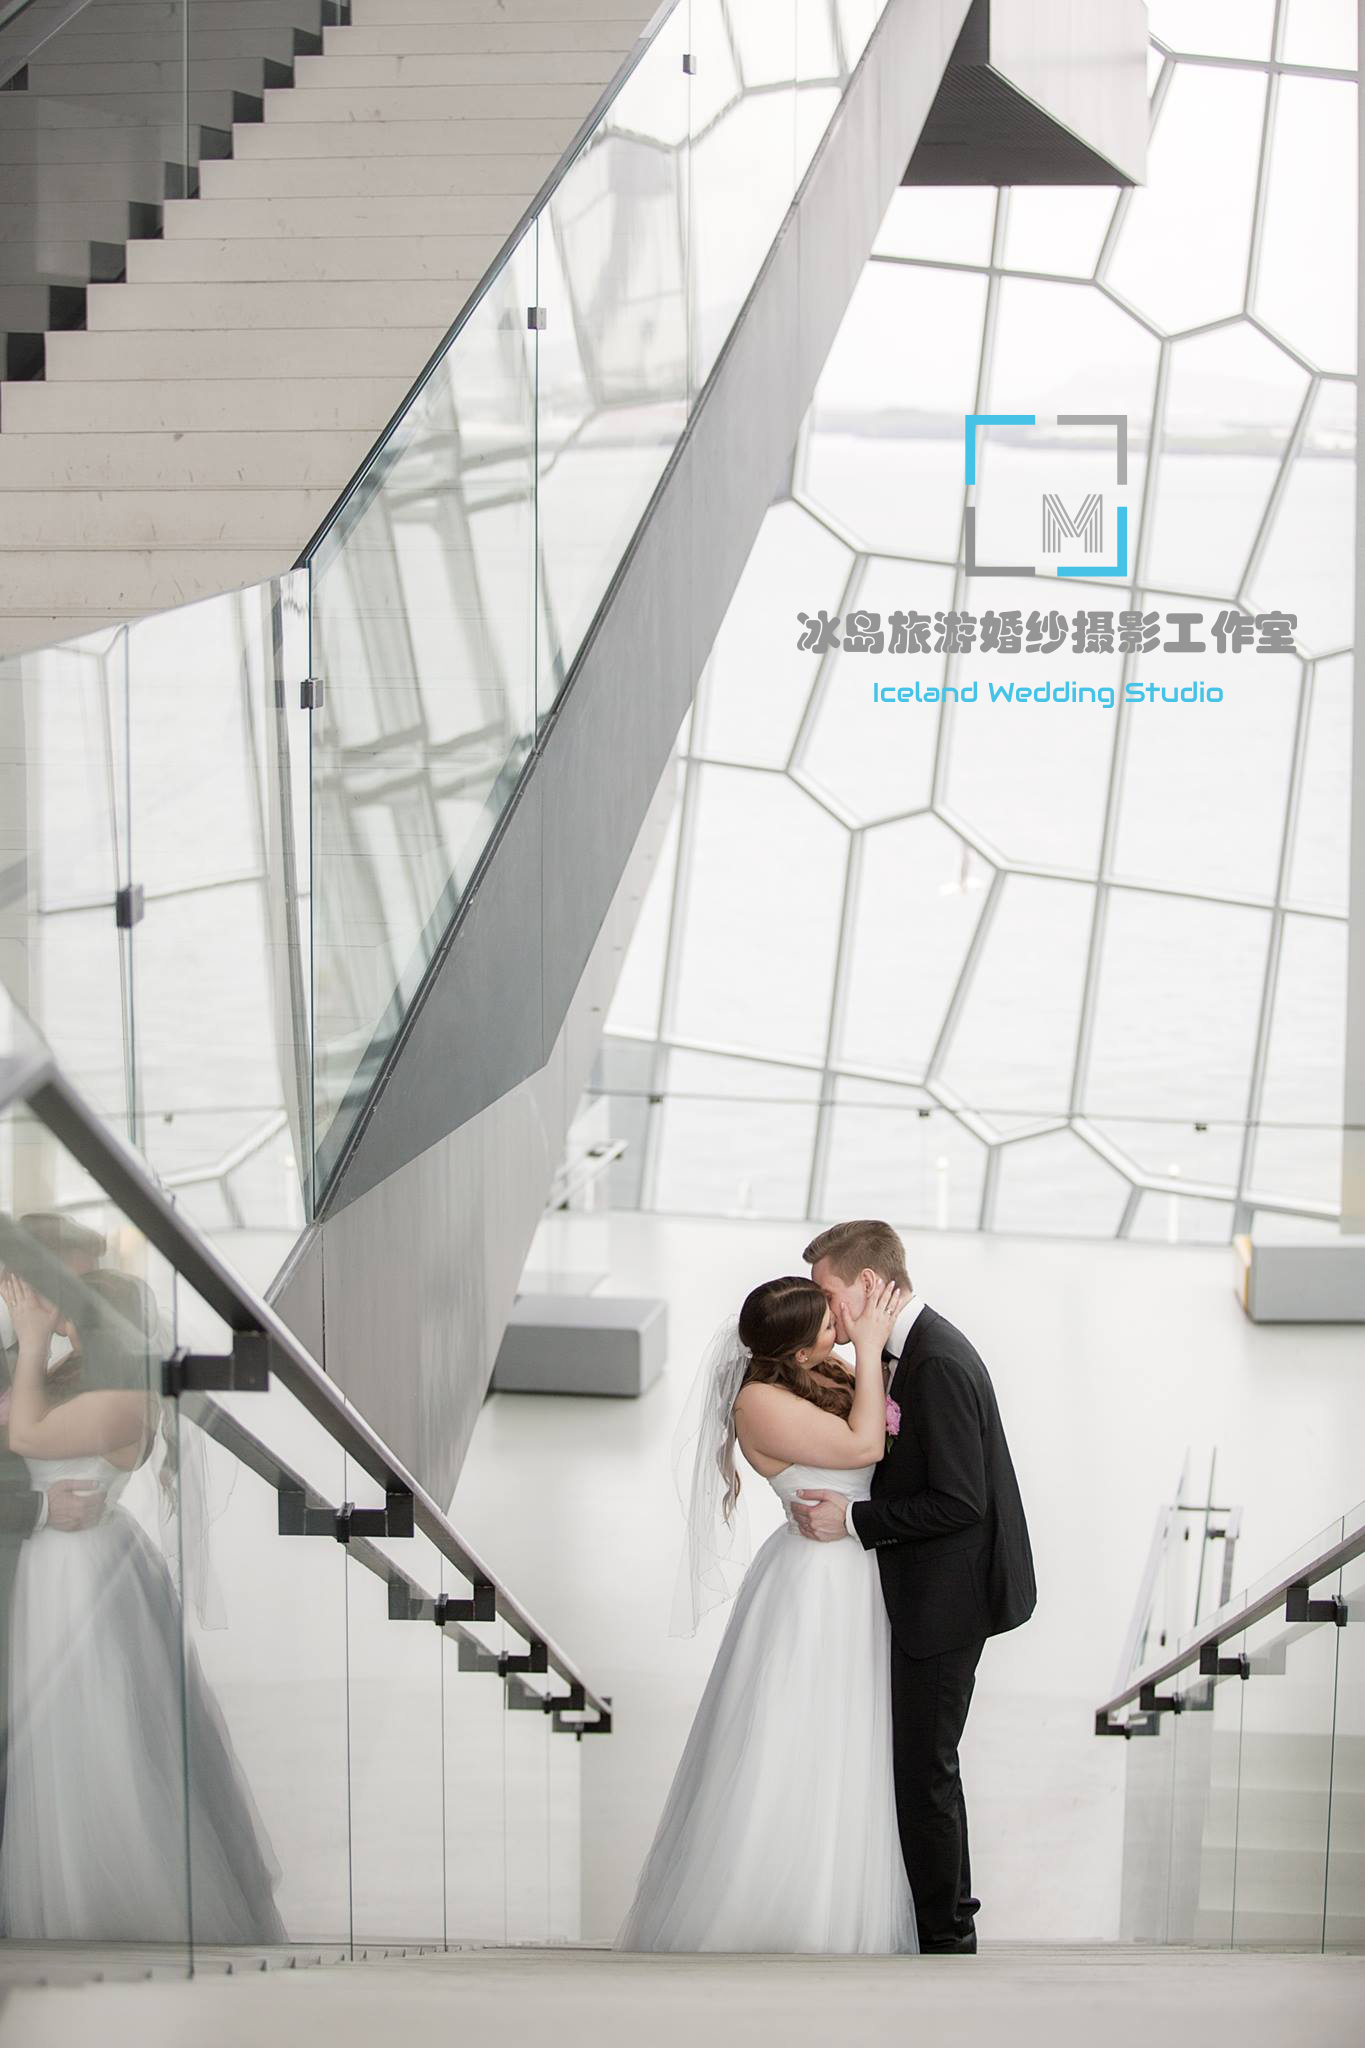 哈帕歌剧院,冰岛音乐厅婚礼摄影